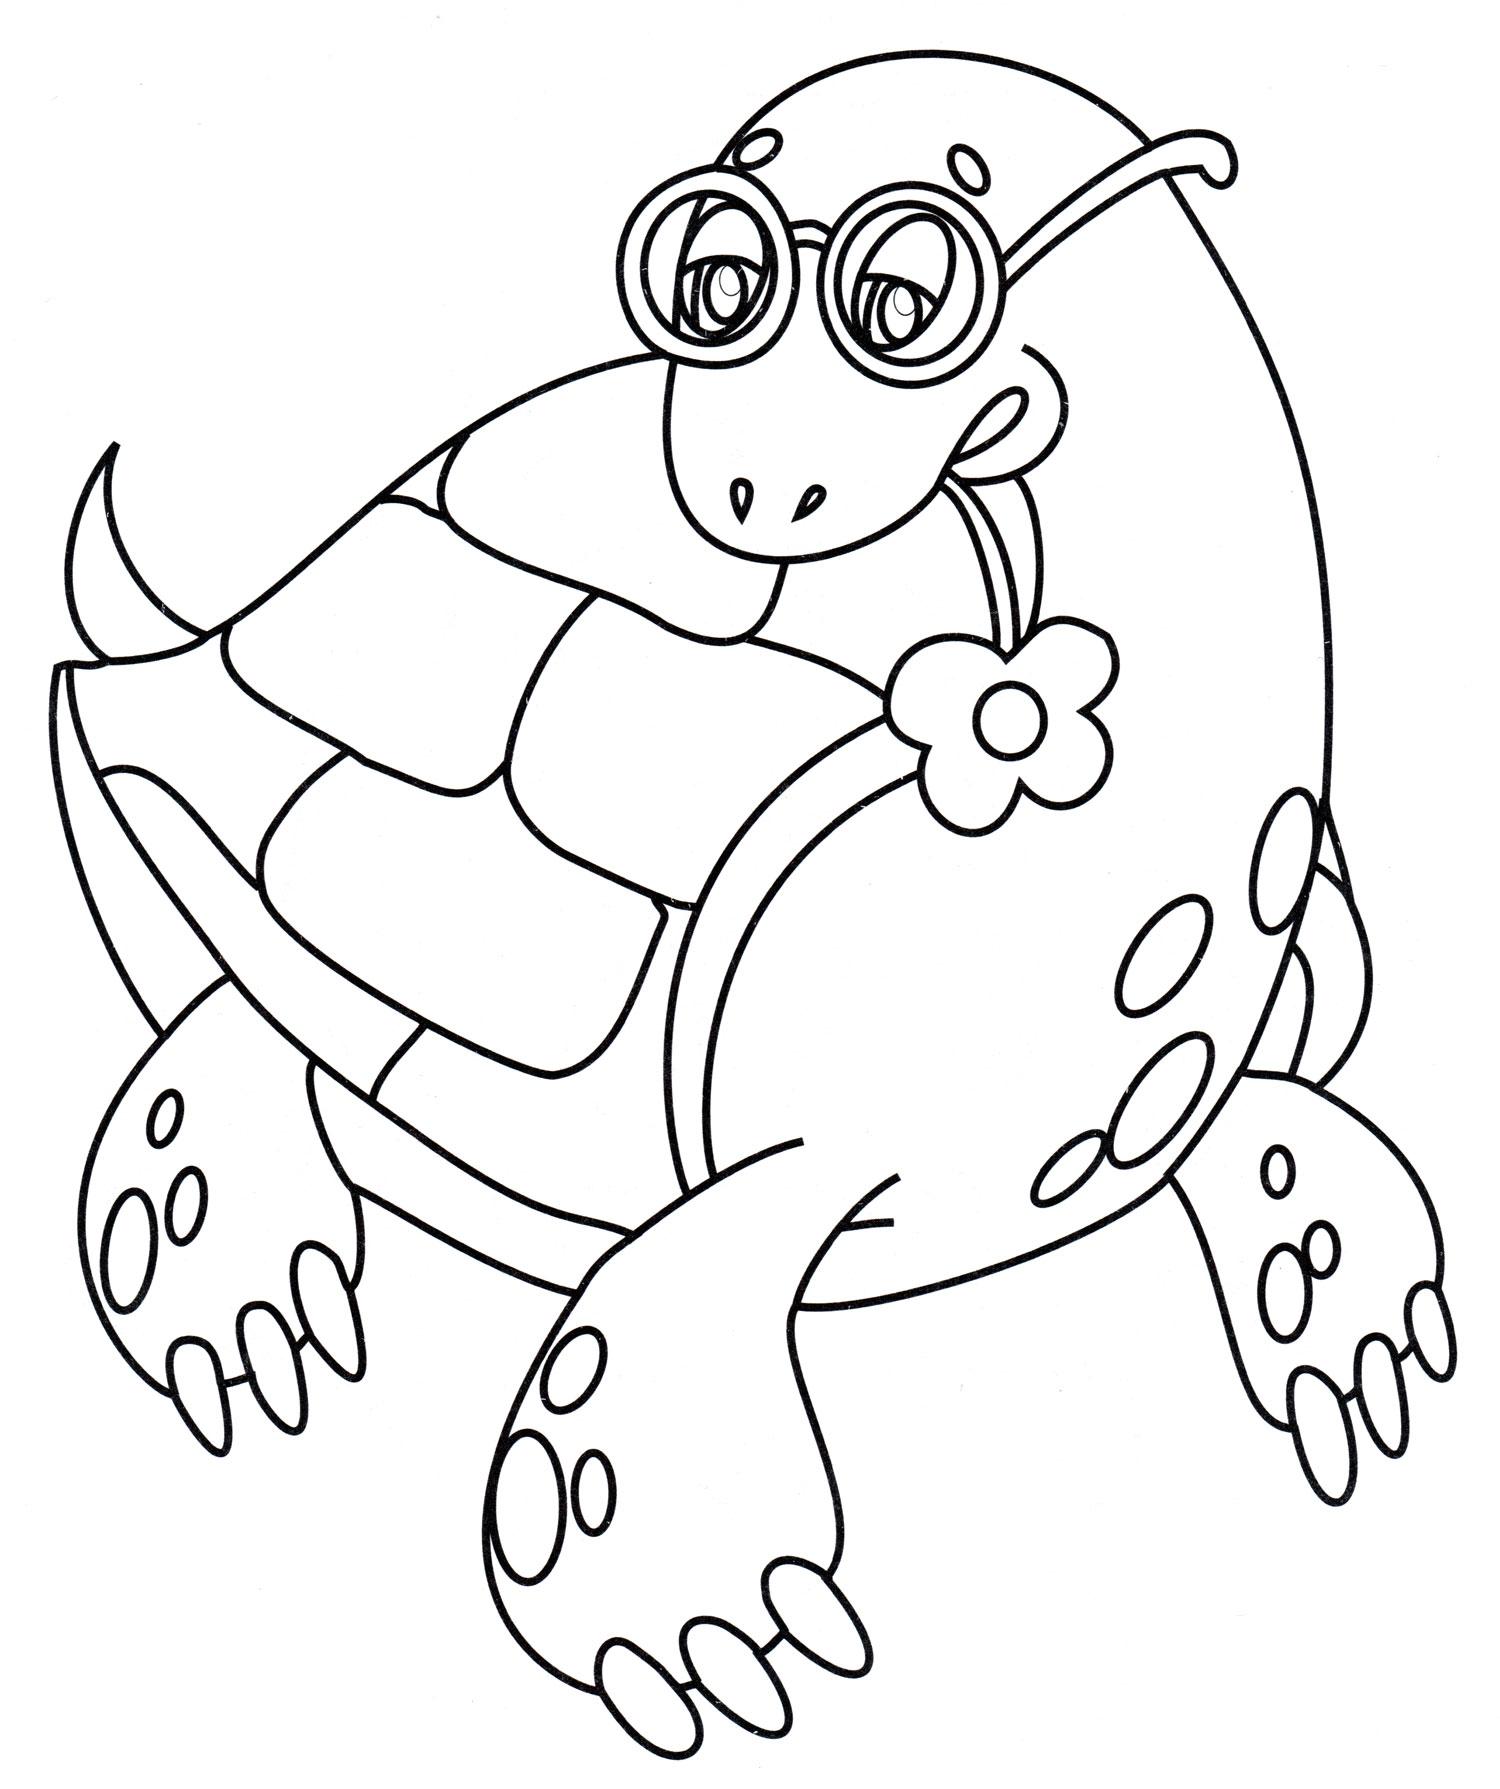 Раскраска Черепашка в очках - распечатать бесплатно